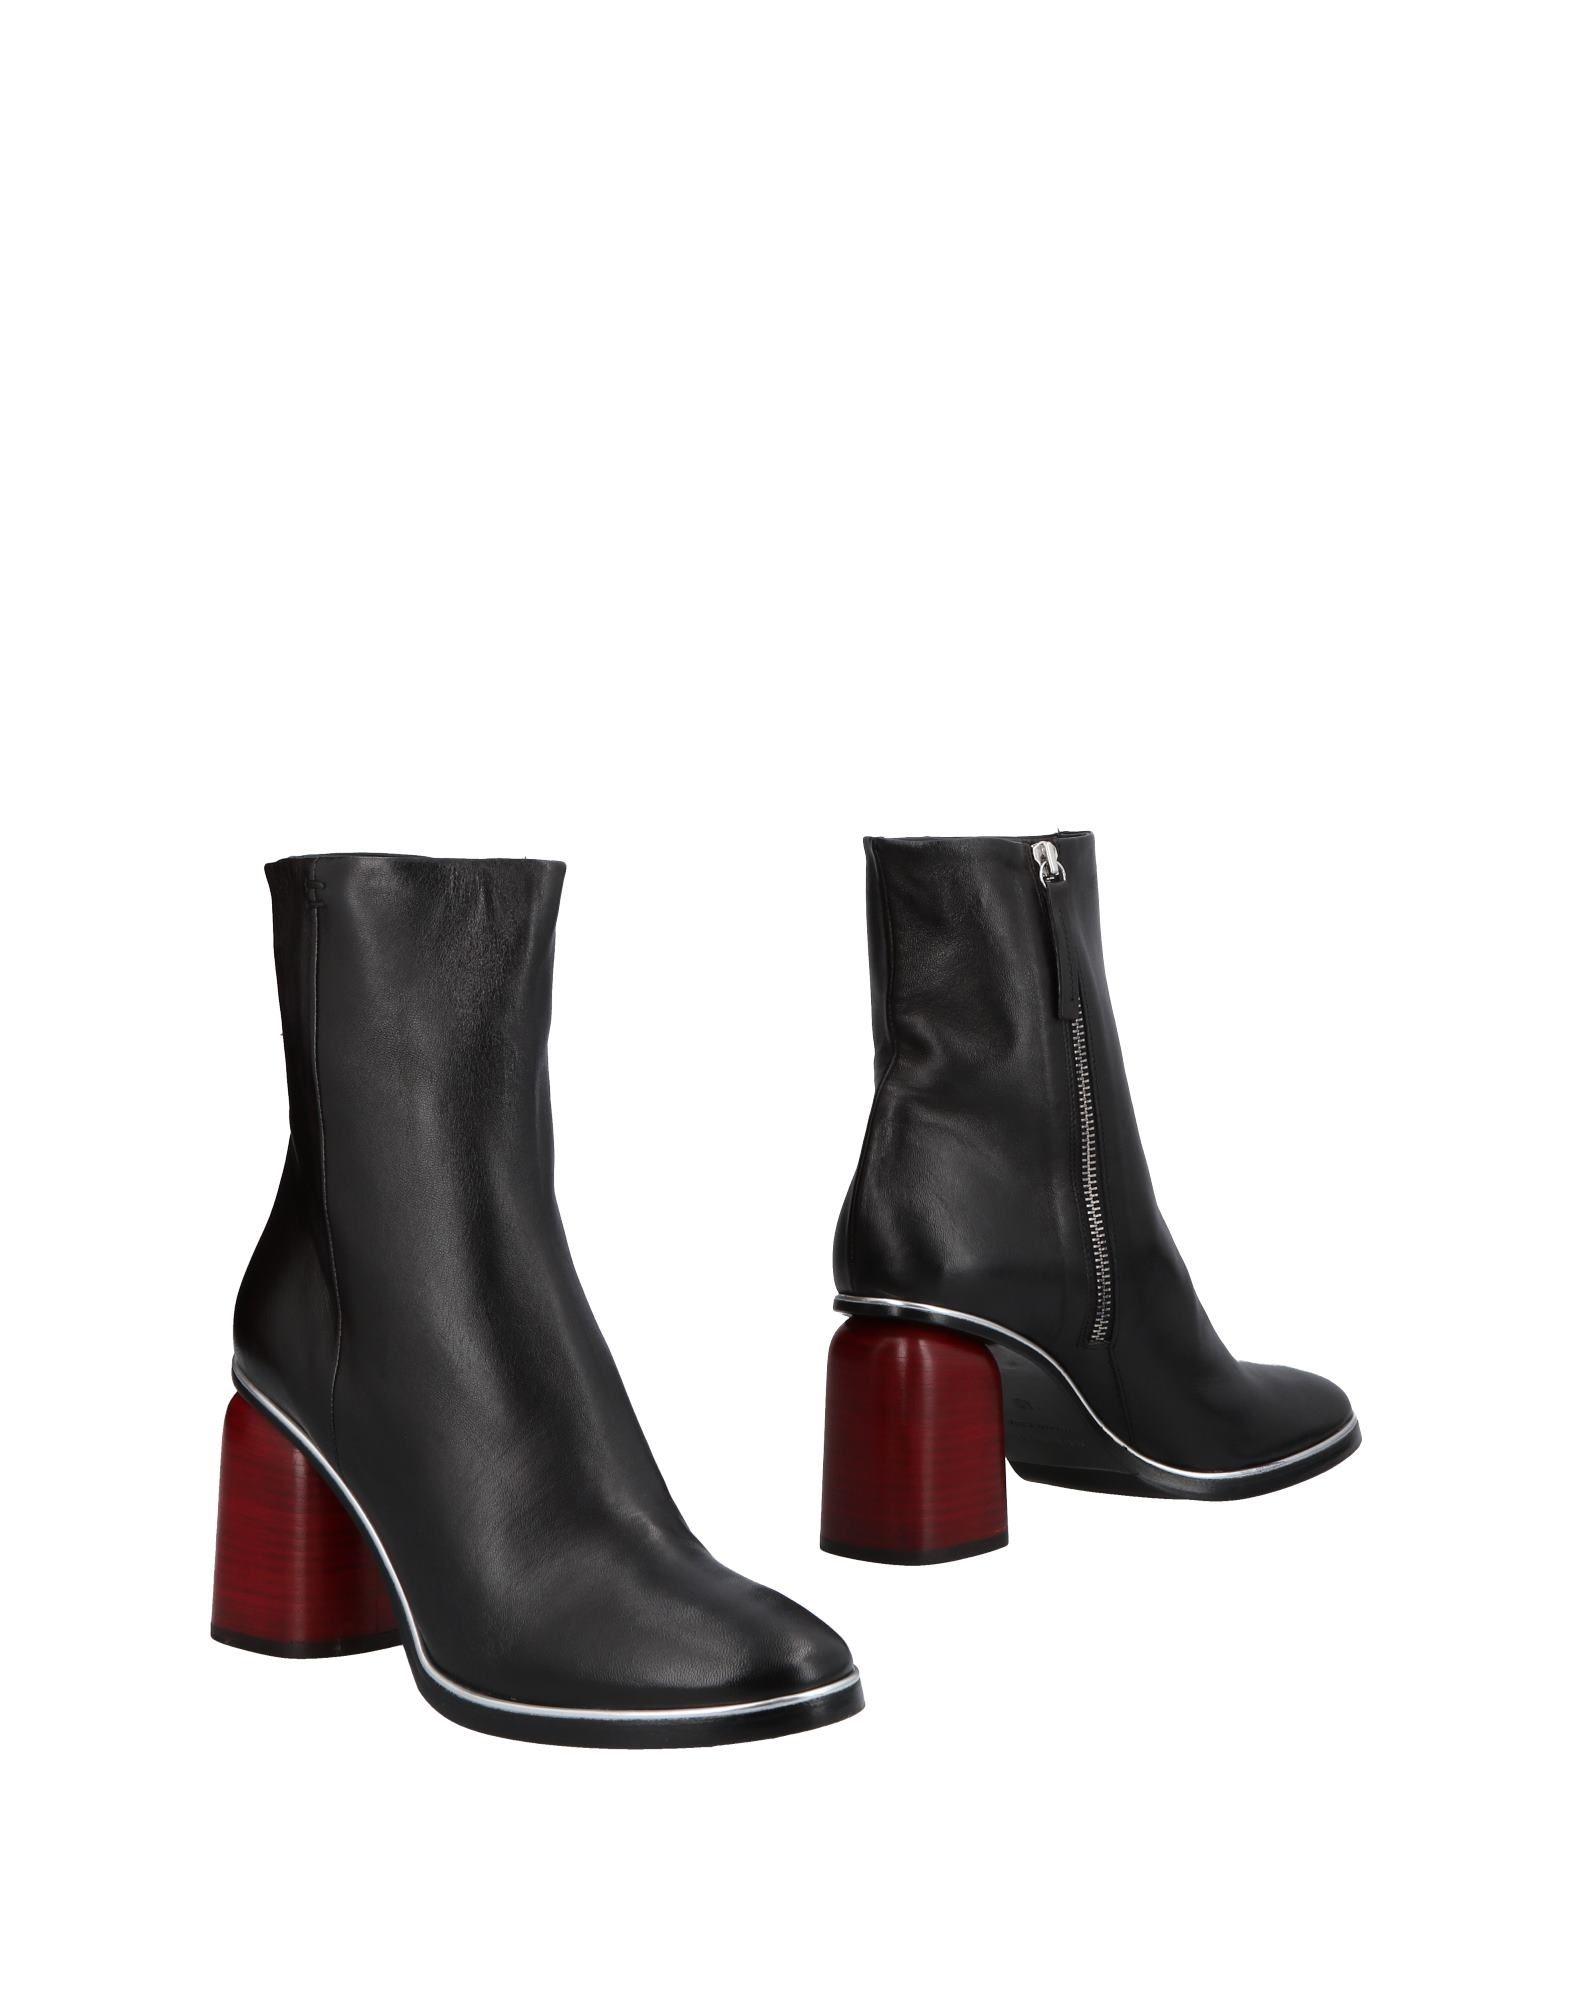 Halmanera Stiefelette strapazierfähige Damen  11492756HEGut aussehende strapazierfähige Stiefelette Schuhe 6657b6